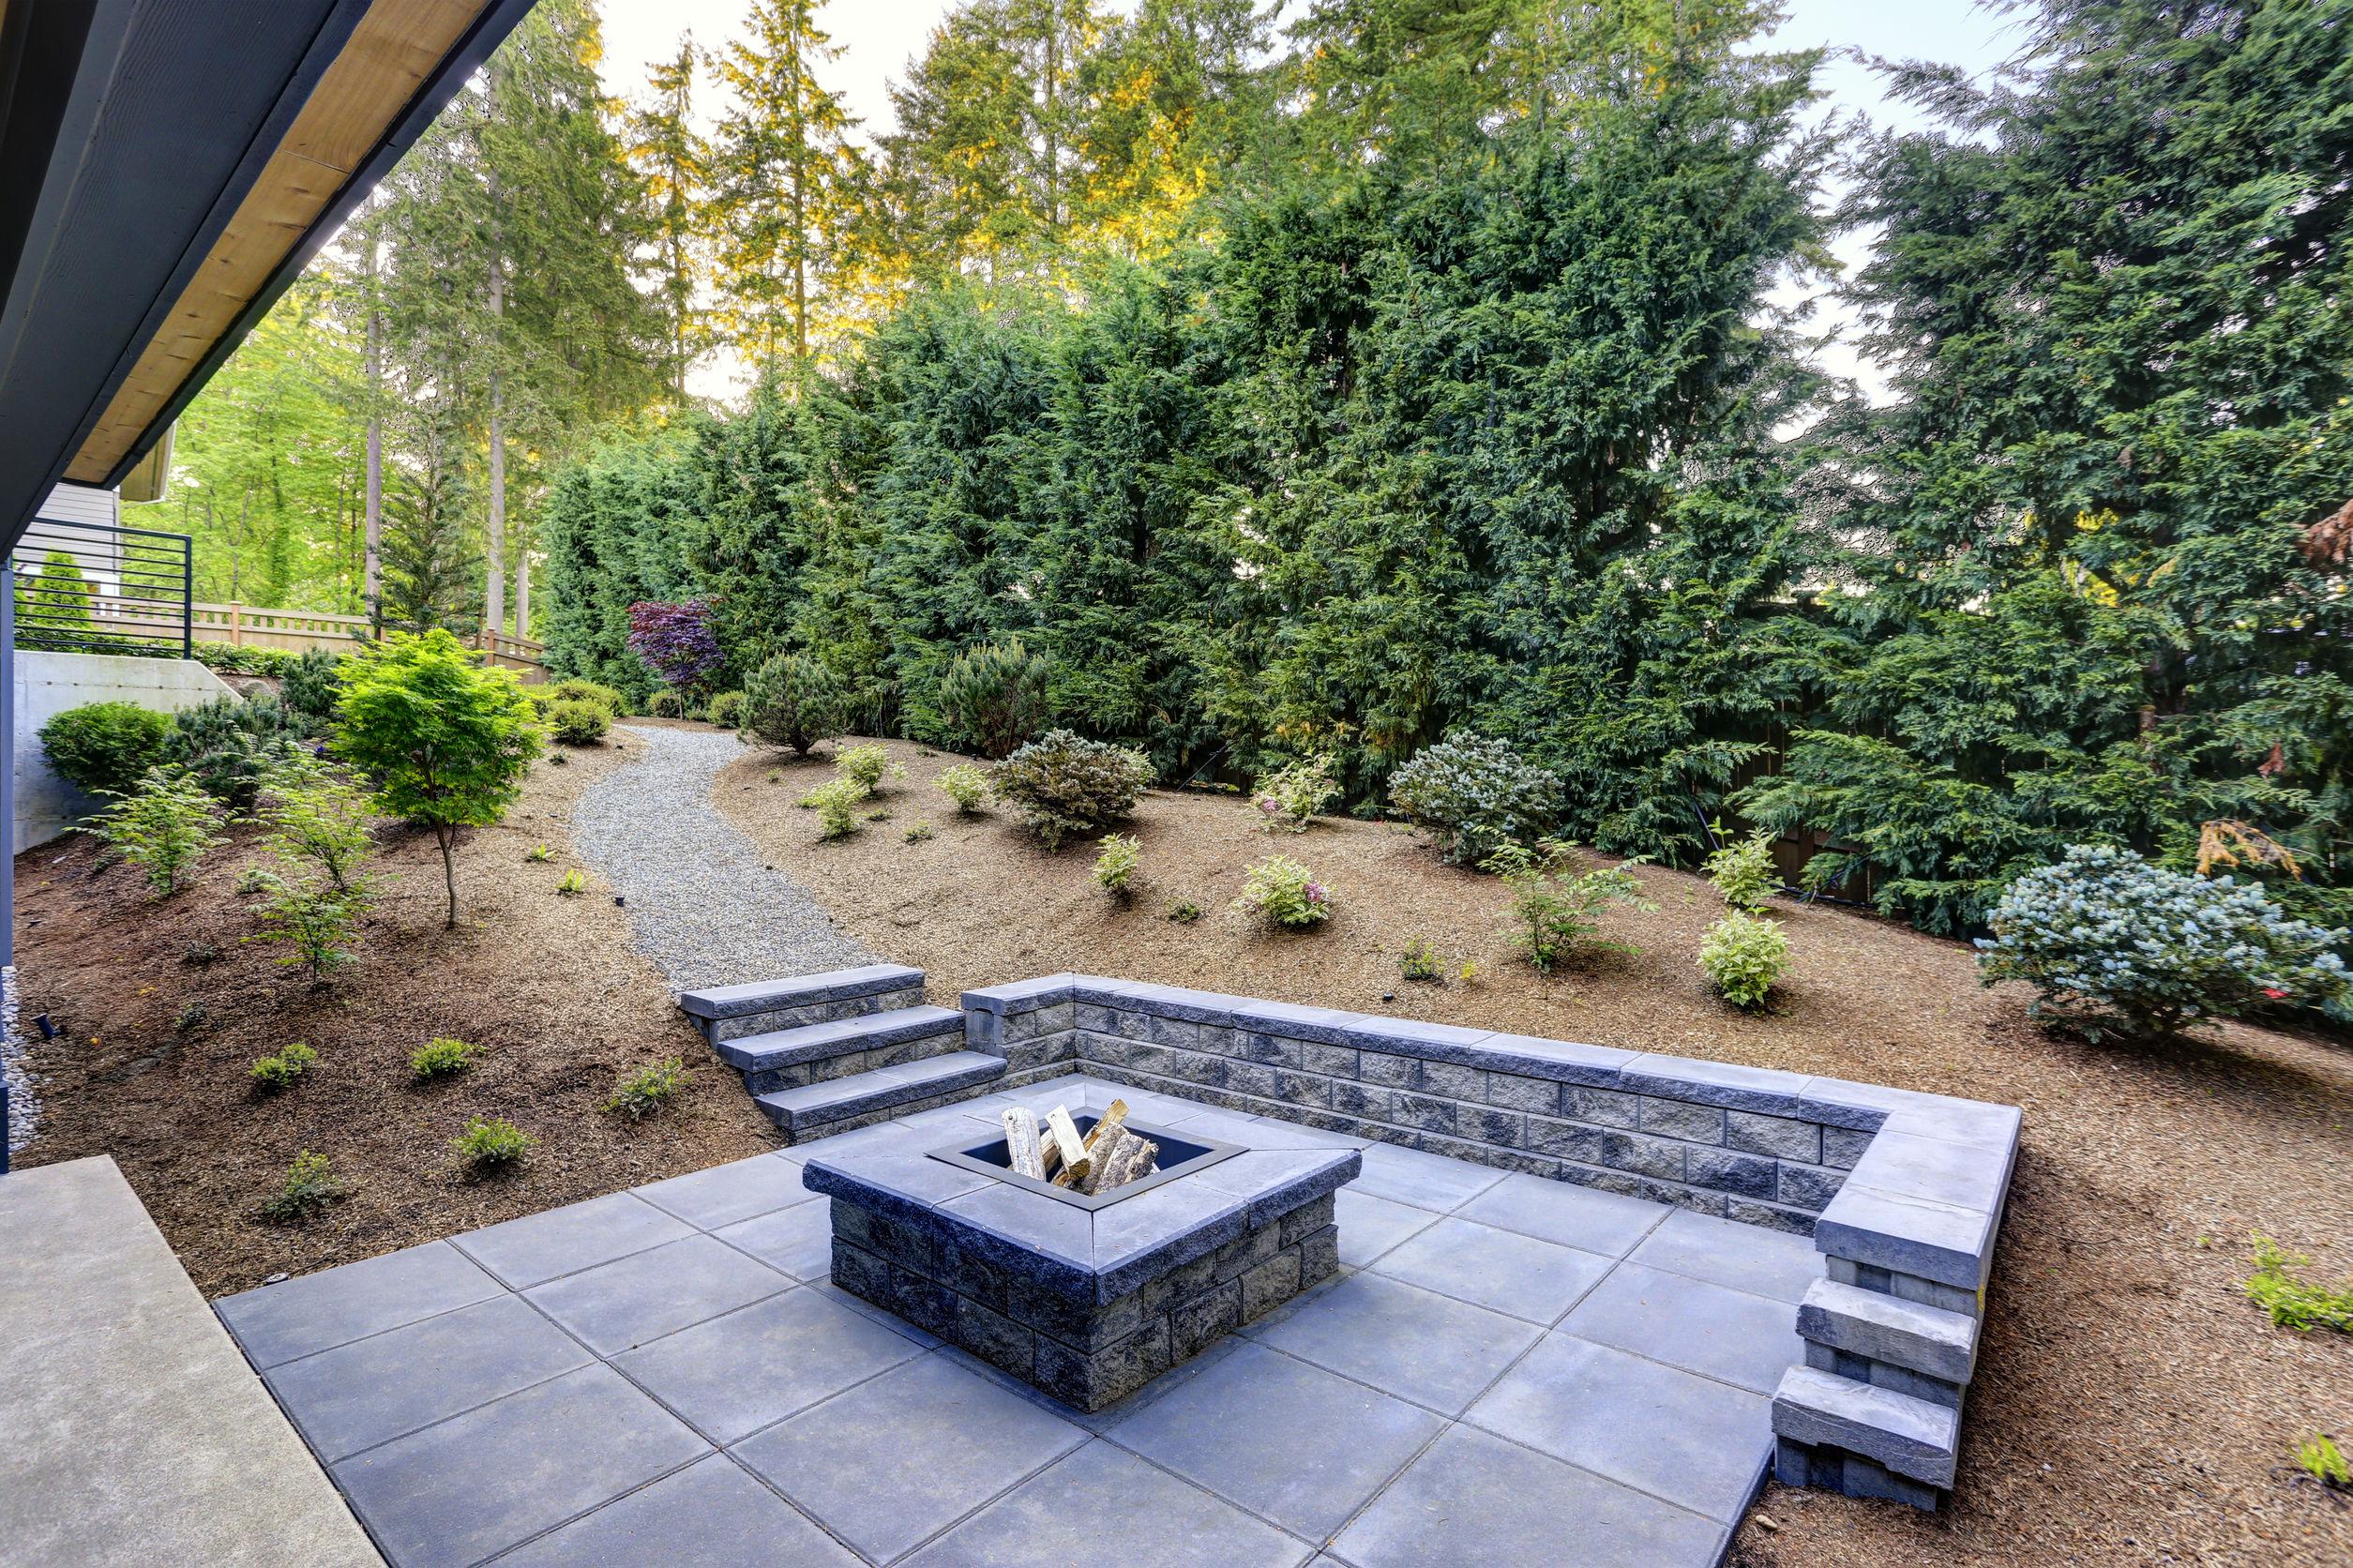 Soluciones duraderas para exteriores, piscina y jardín